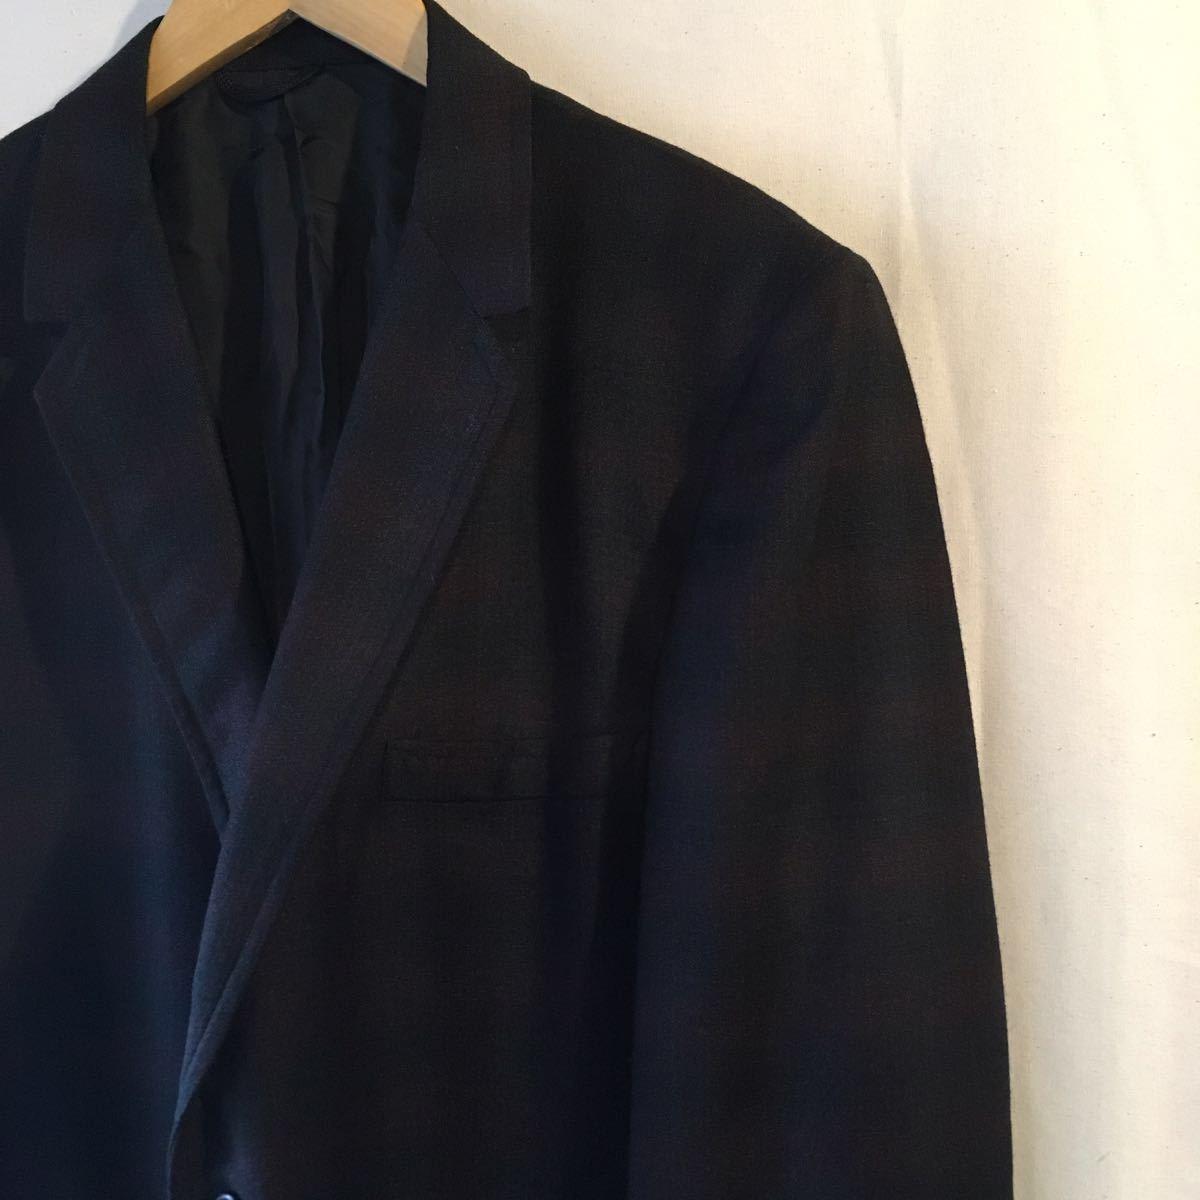 1960's オンブレ ビンテージ テーラードジャケット HAMPTON HEATH シャドーチェック モッズ アイビー UK 黒 ブラック 50s 70s_画像4